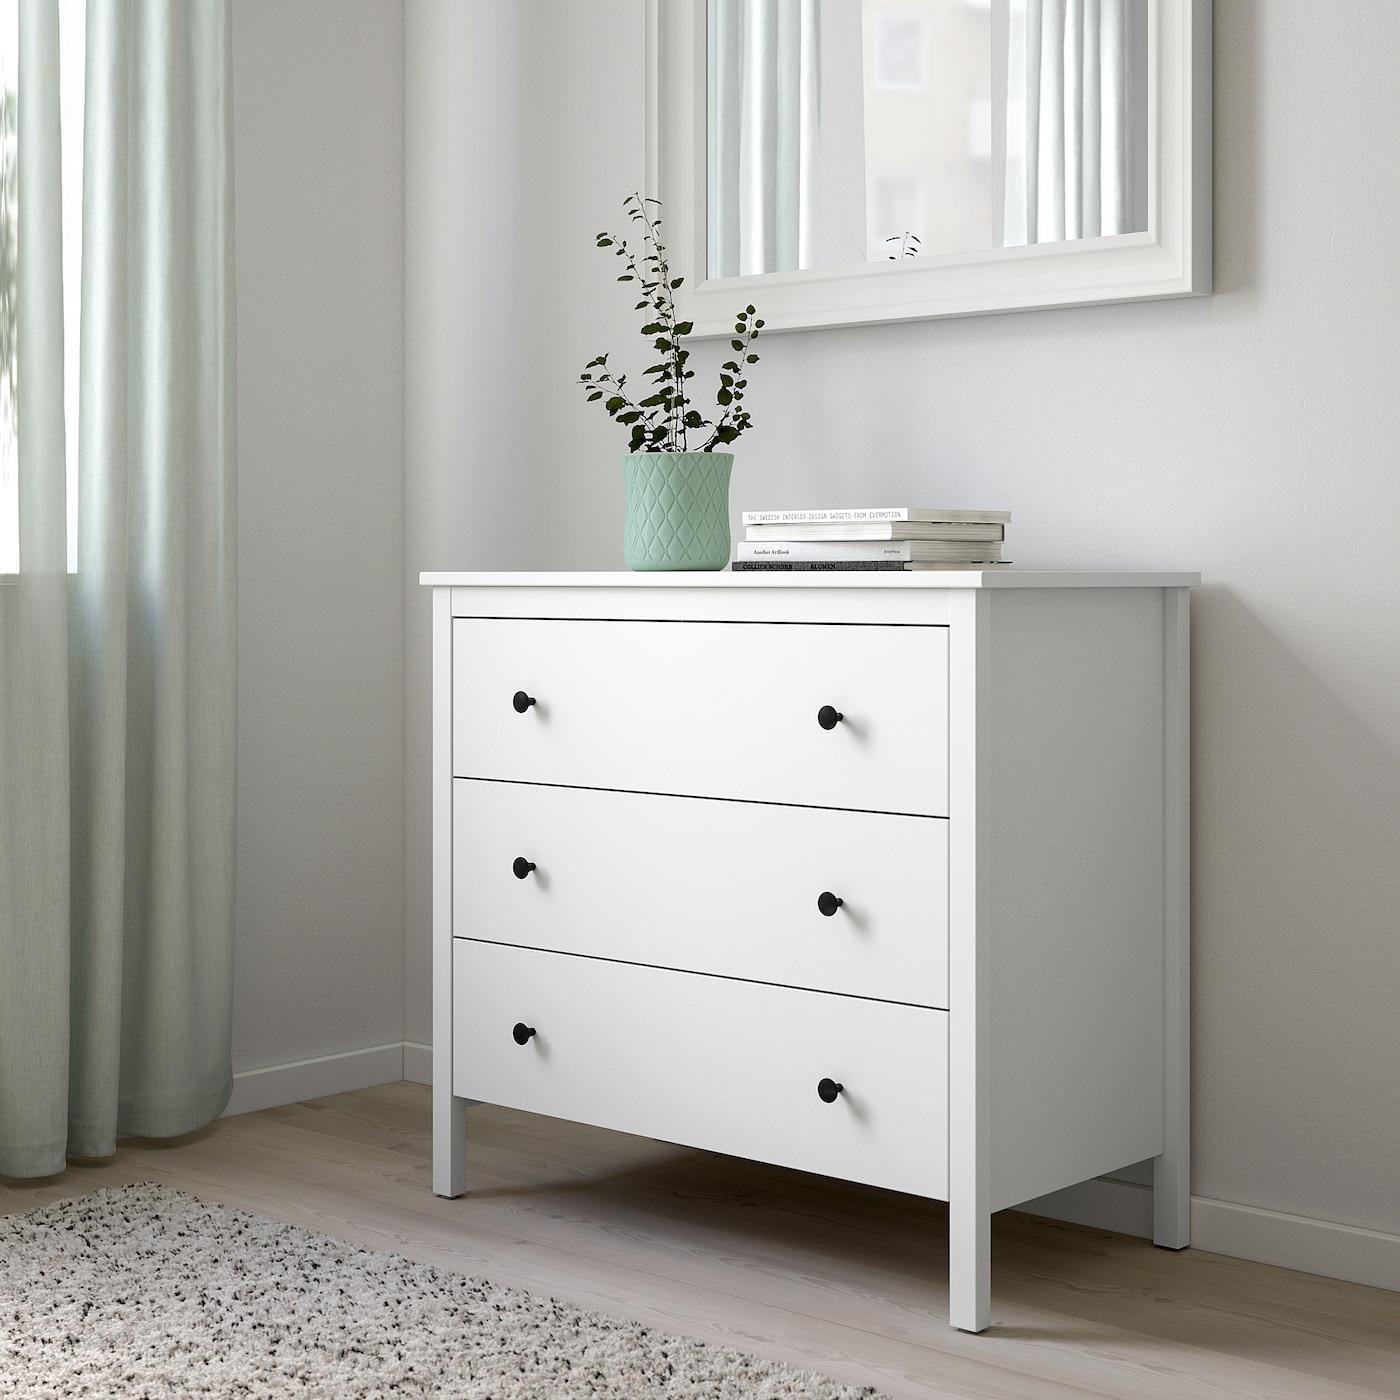 KOPPANG Kommode mit 3 Schubladen, weiß, 90x83 cm